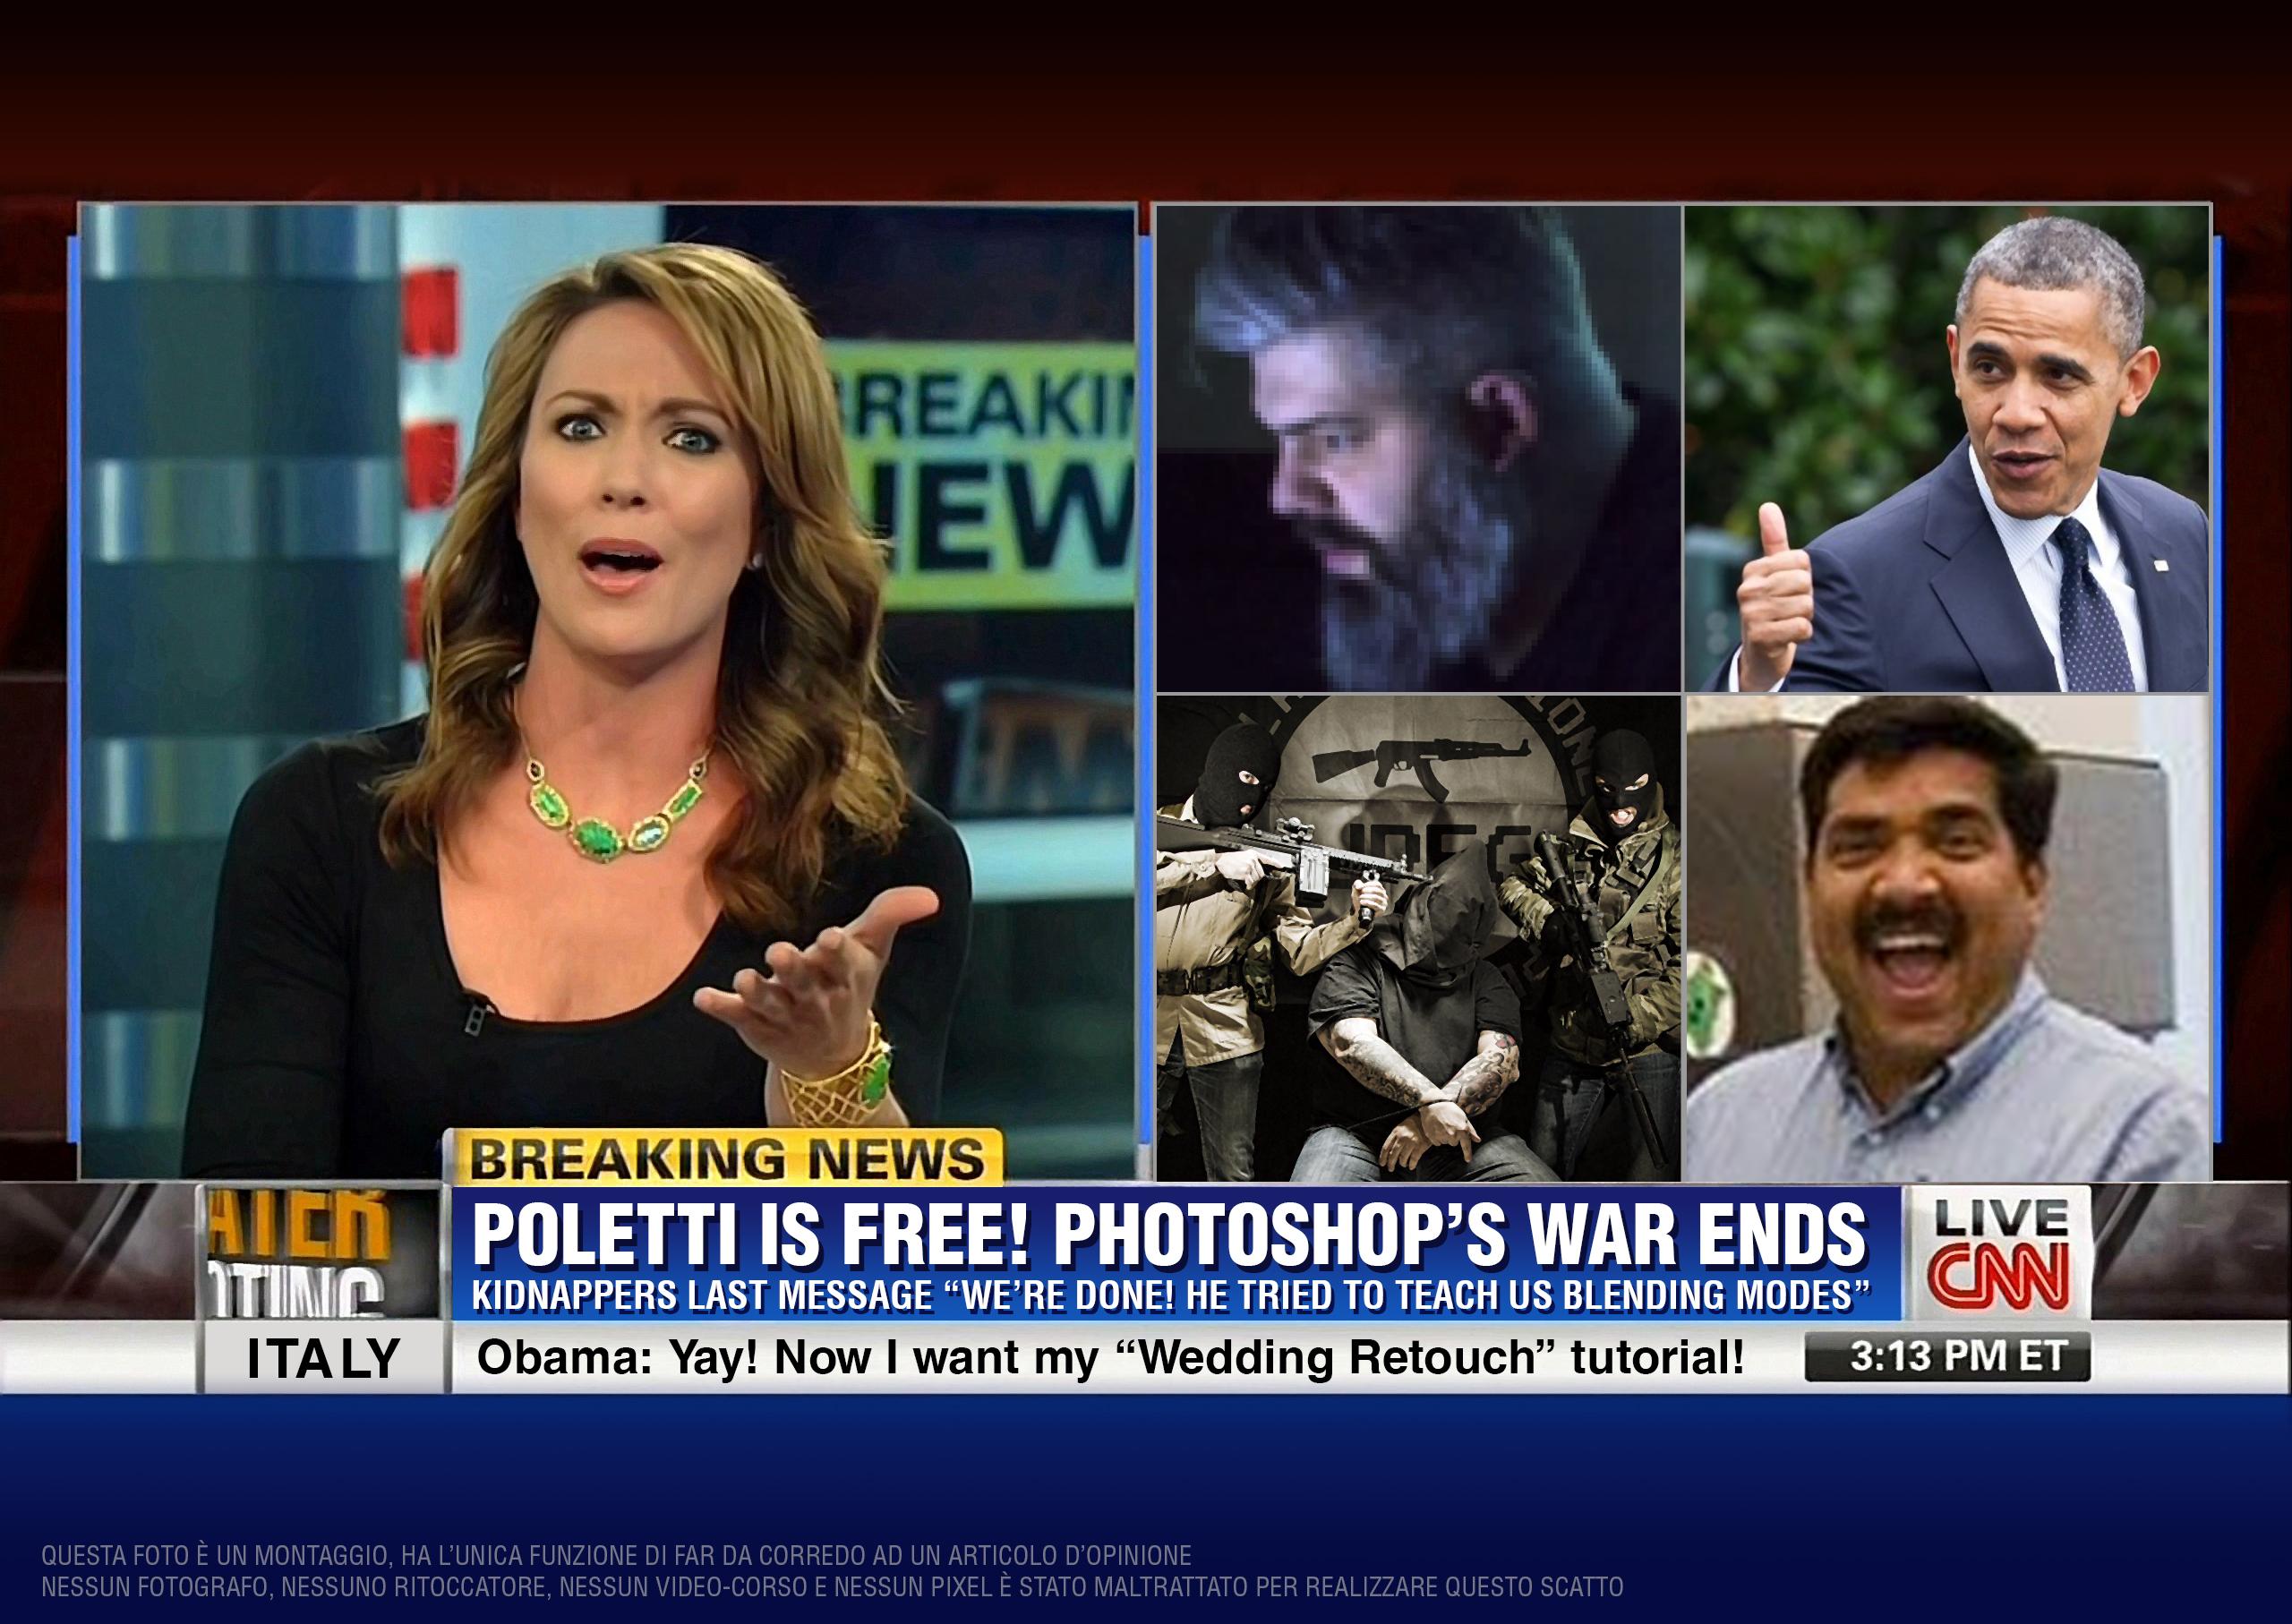 Finalmente libero! Non ne potevano più di sentirmi parlare di Photoshop!